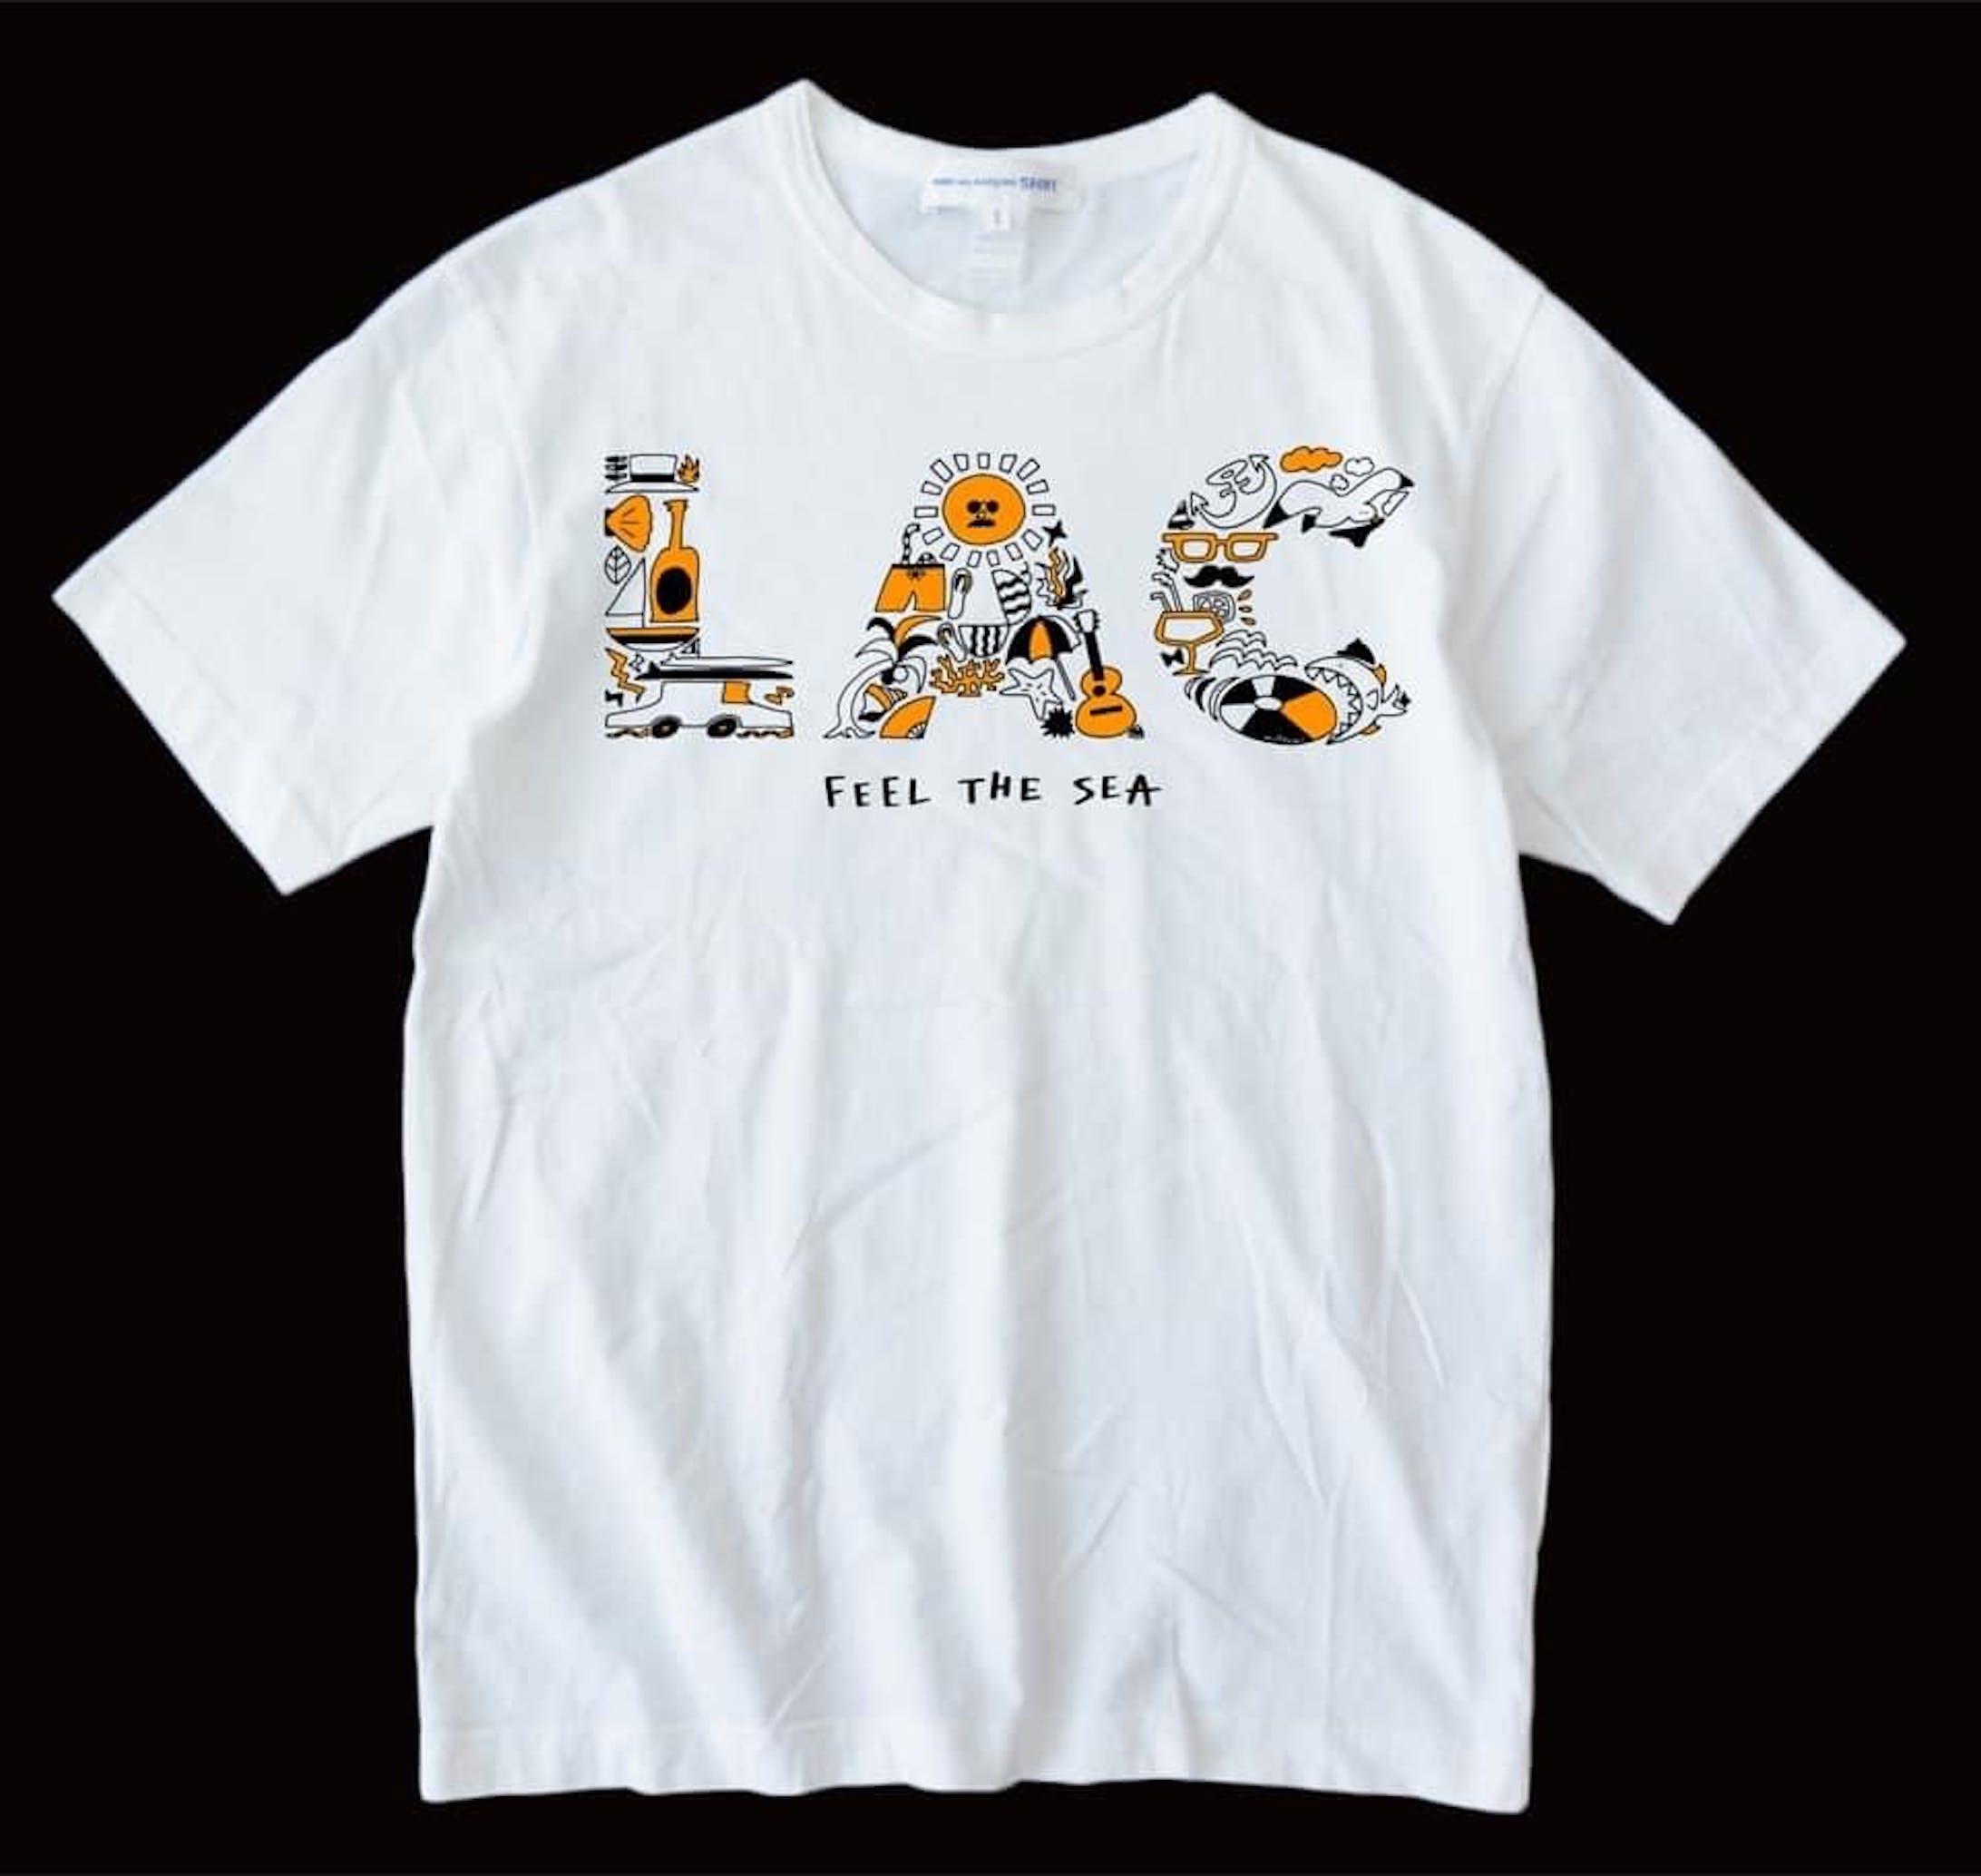 塗り絵Tシャツ - NURIE TEE --10